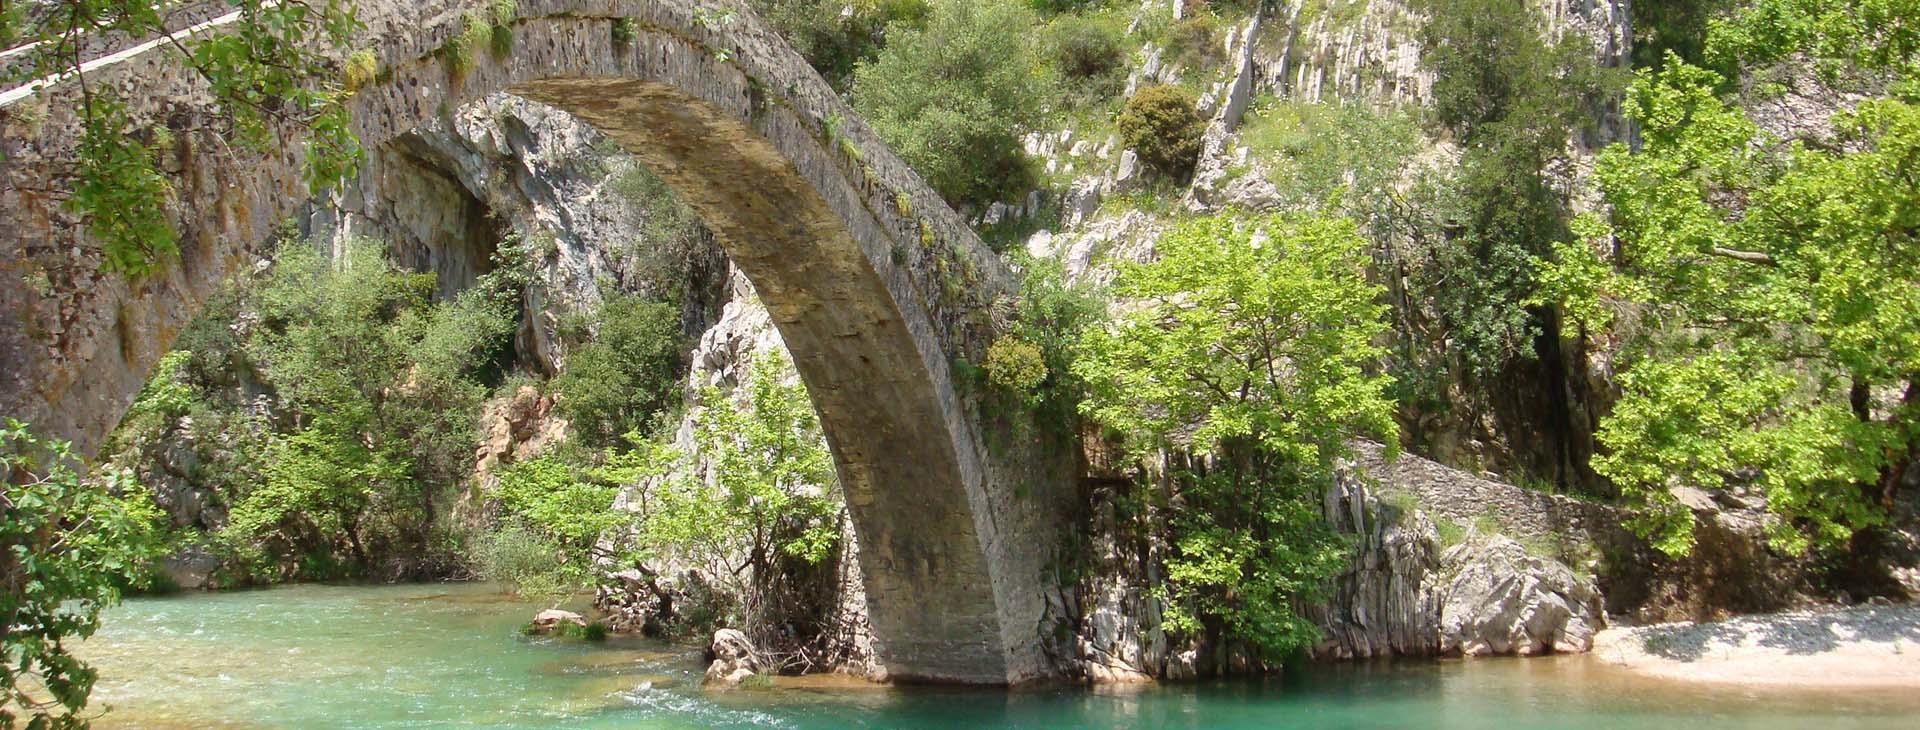 Evinos river, Aitoloakarnania